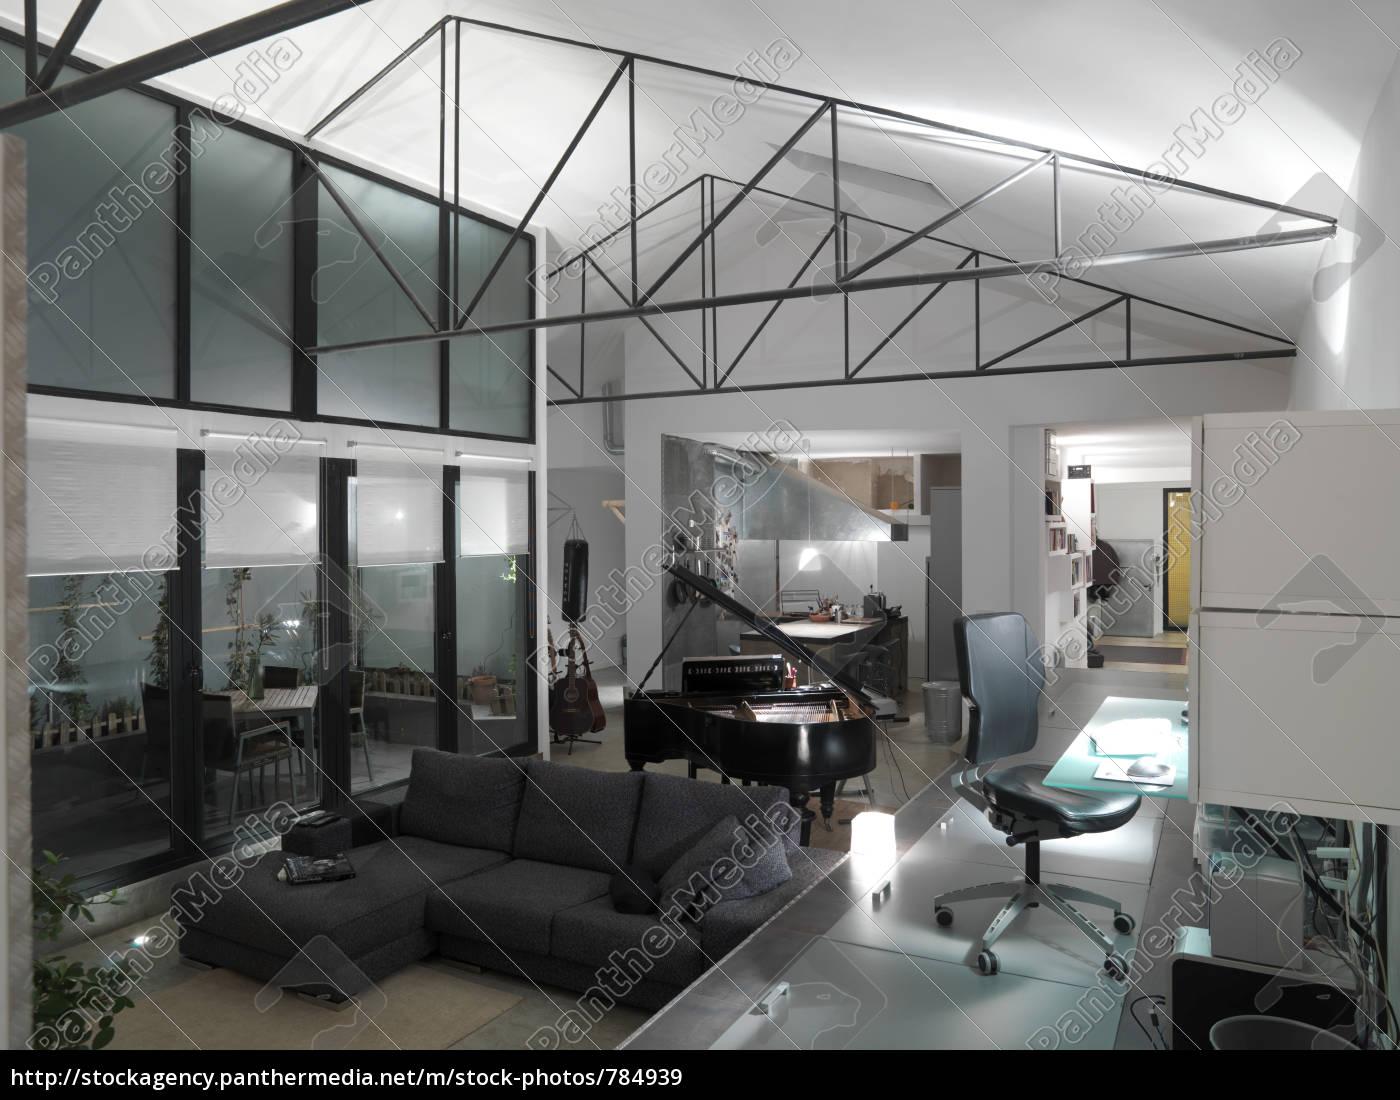 interior, at, night, in, loft - 784939